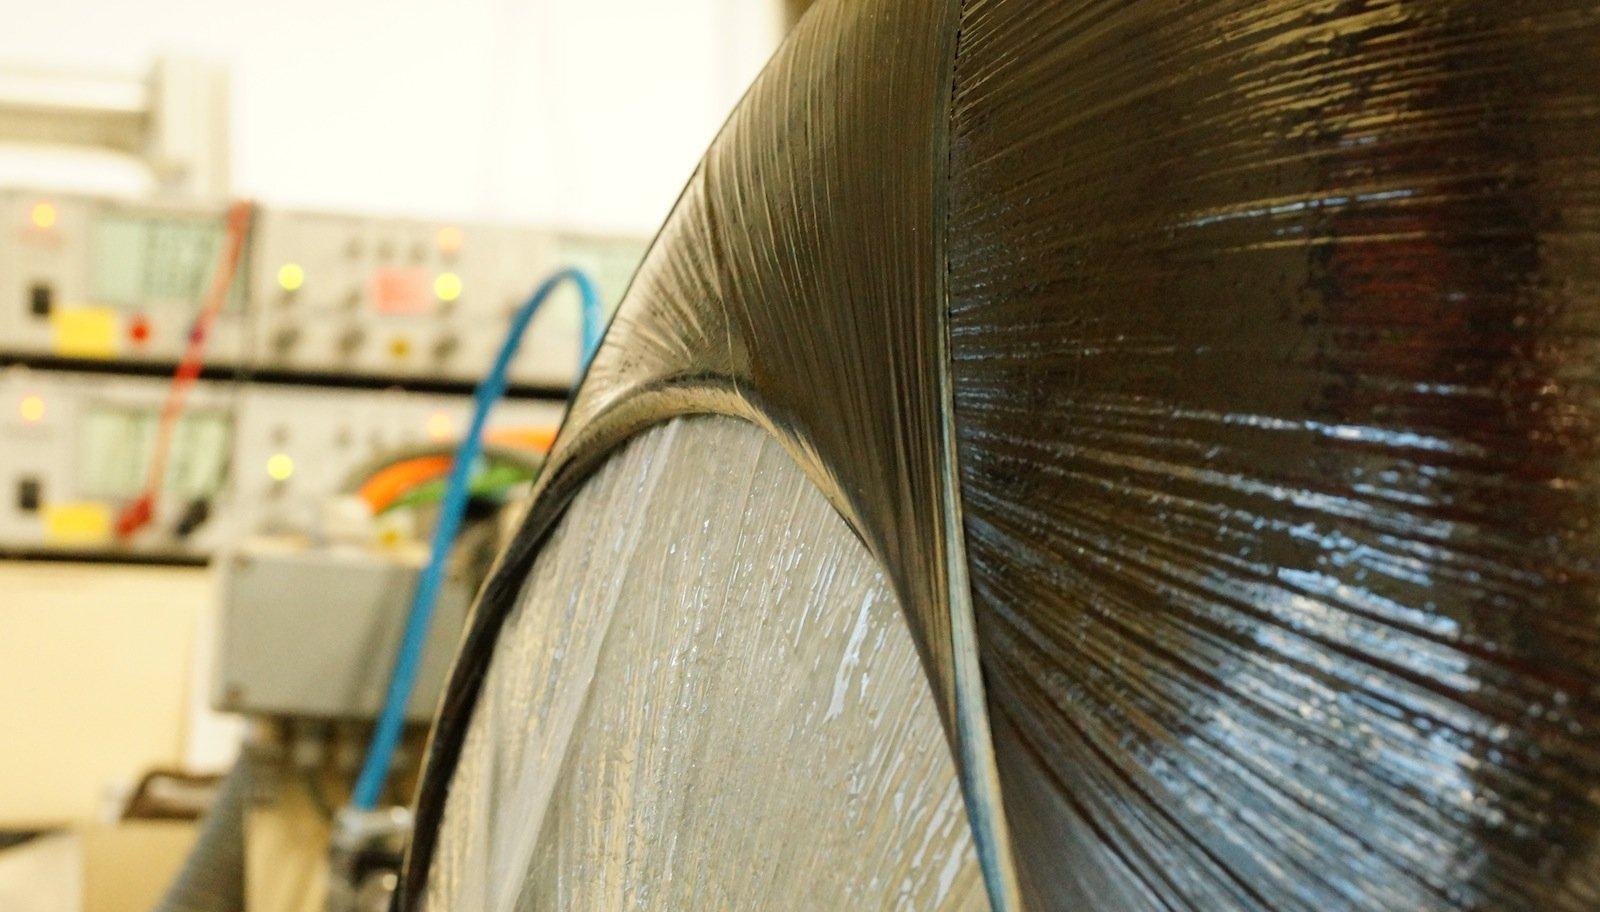 Die Kryo-Tanks für das EU-Projekt Chatt wurden aus neuartigen carbonfaserverstärkten Kunststoffen (CFK) gefertigt. Diese Materialien sind leicht und gleichzeitig stabil.